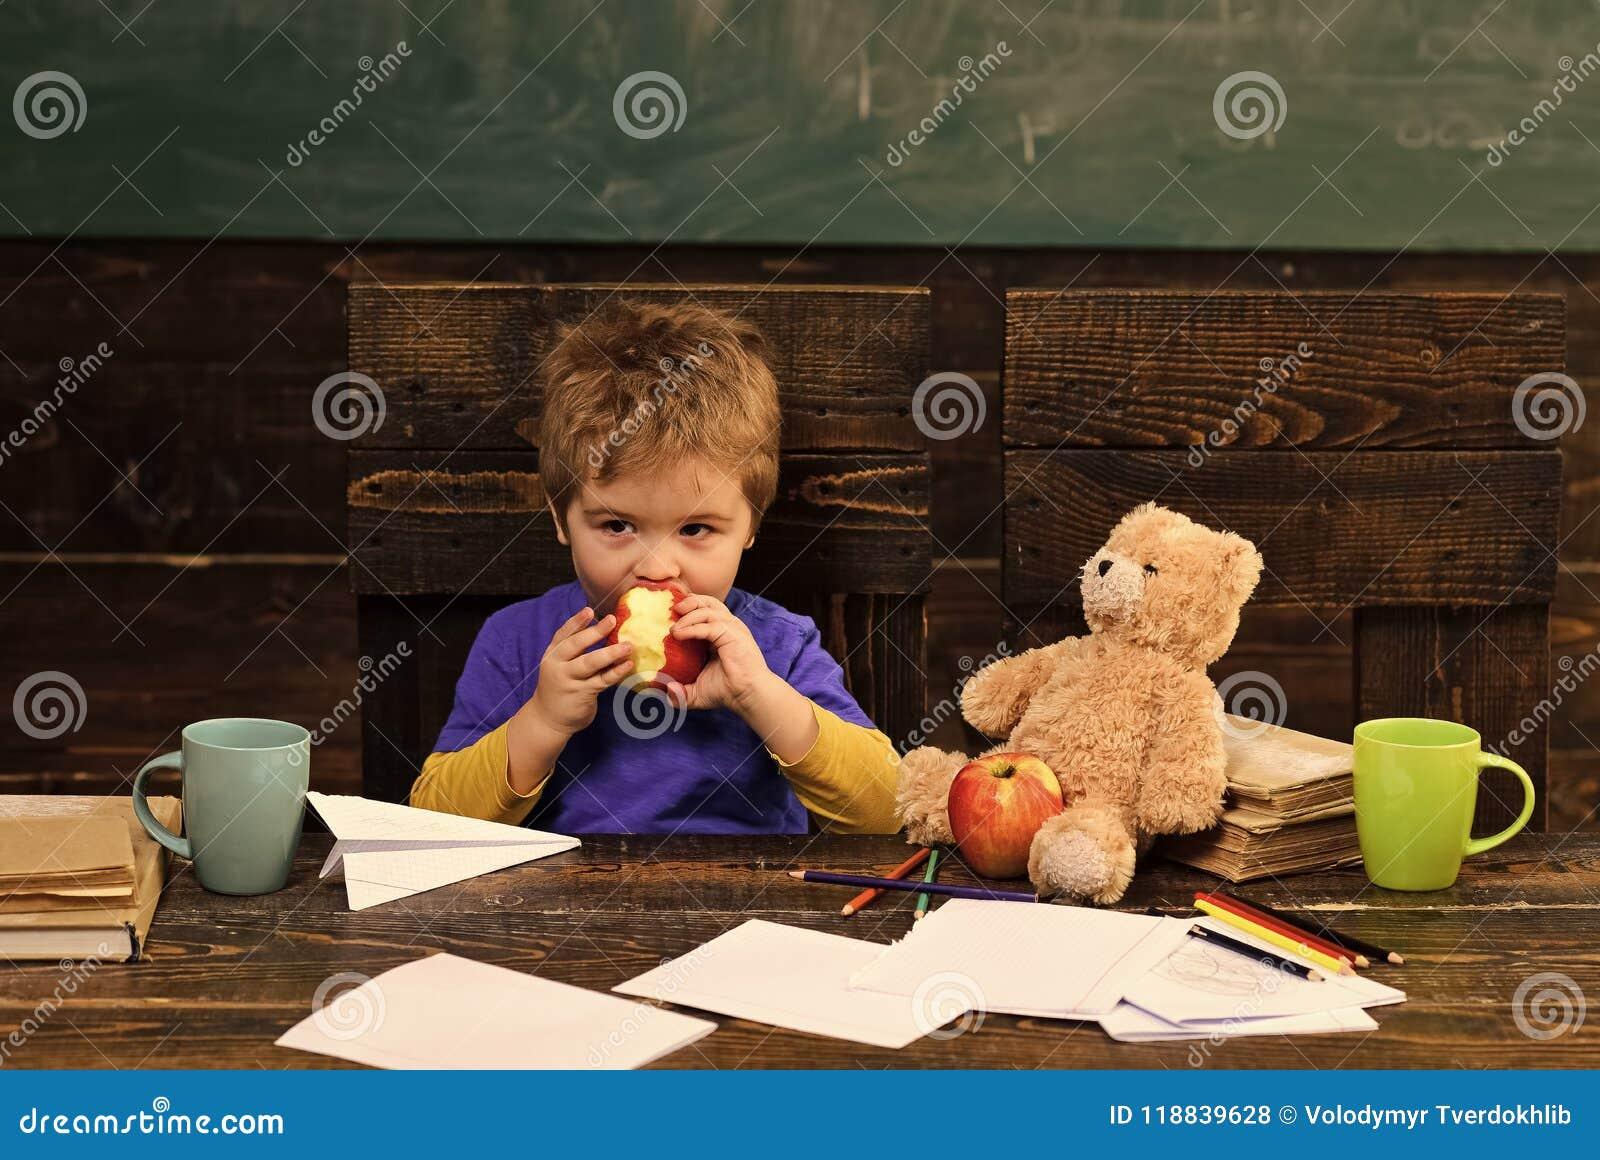 Cambiamento della scuola Rottura della scuola Mela mordace del bambino affamato in aula Bambino piccolo che gioca con l aereo e l